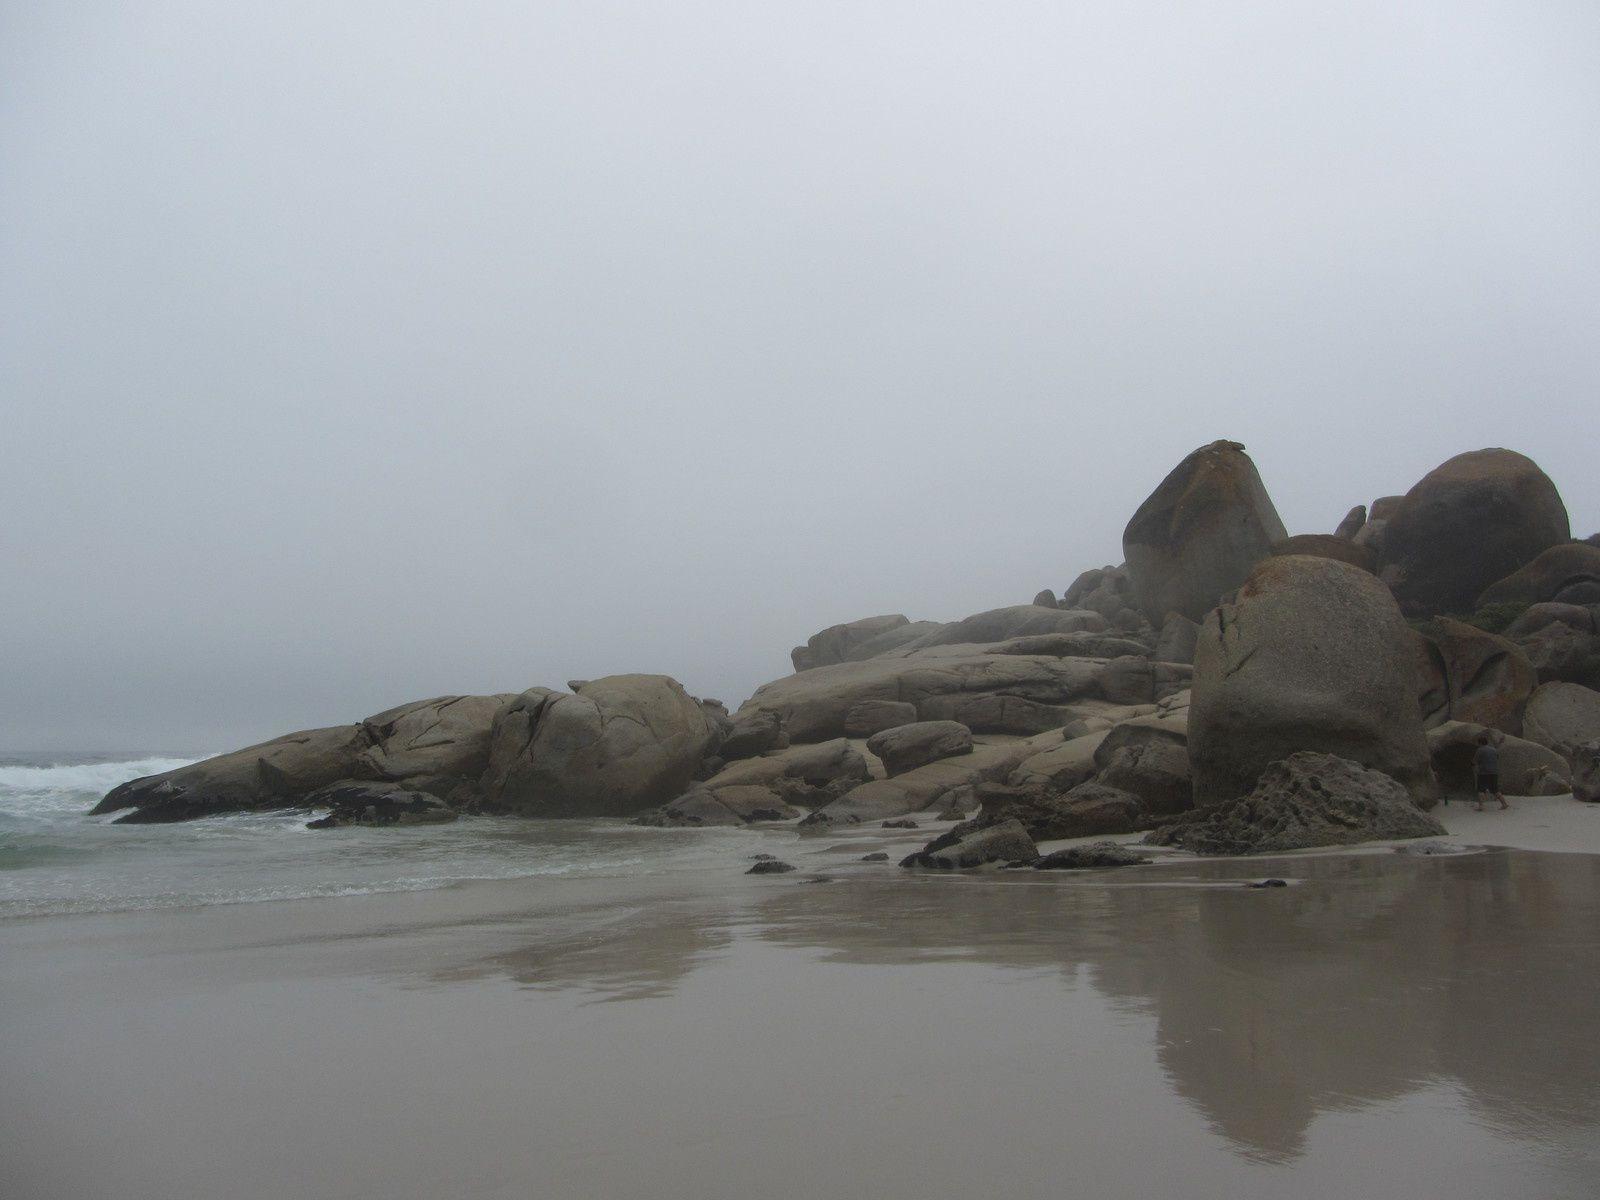 La plage près de Hout Bay